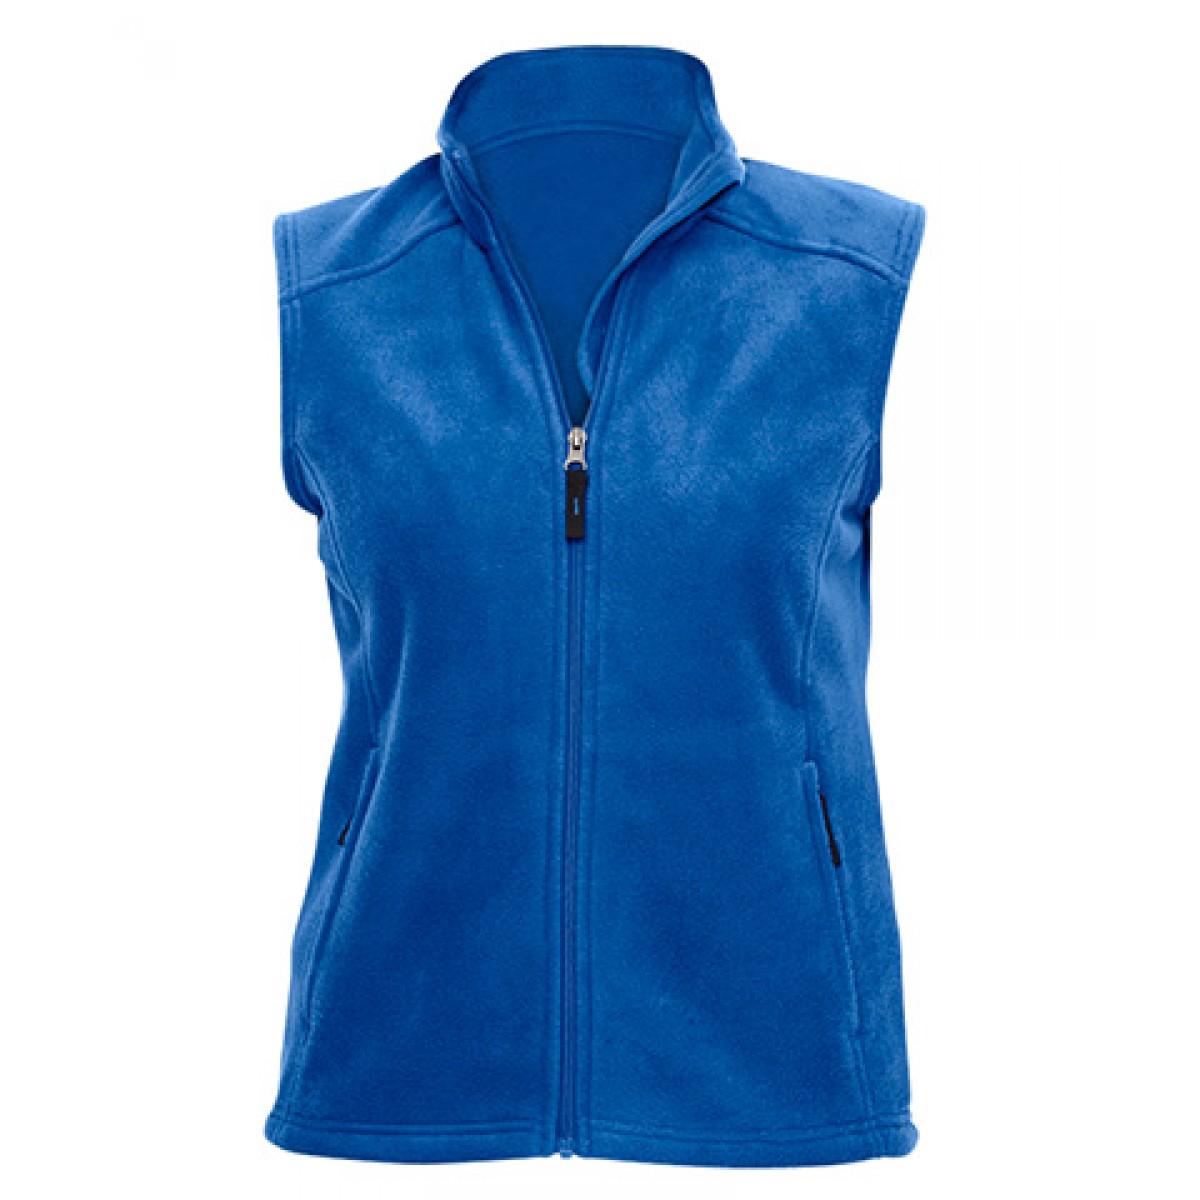 Ladies' Journey Fleece Vest-Blue-XS